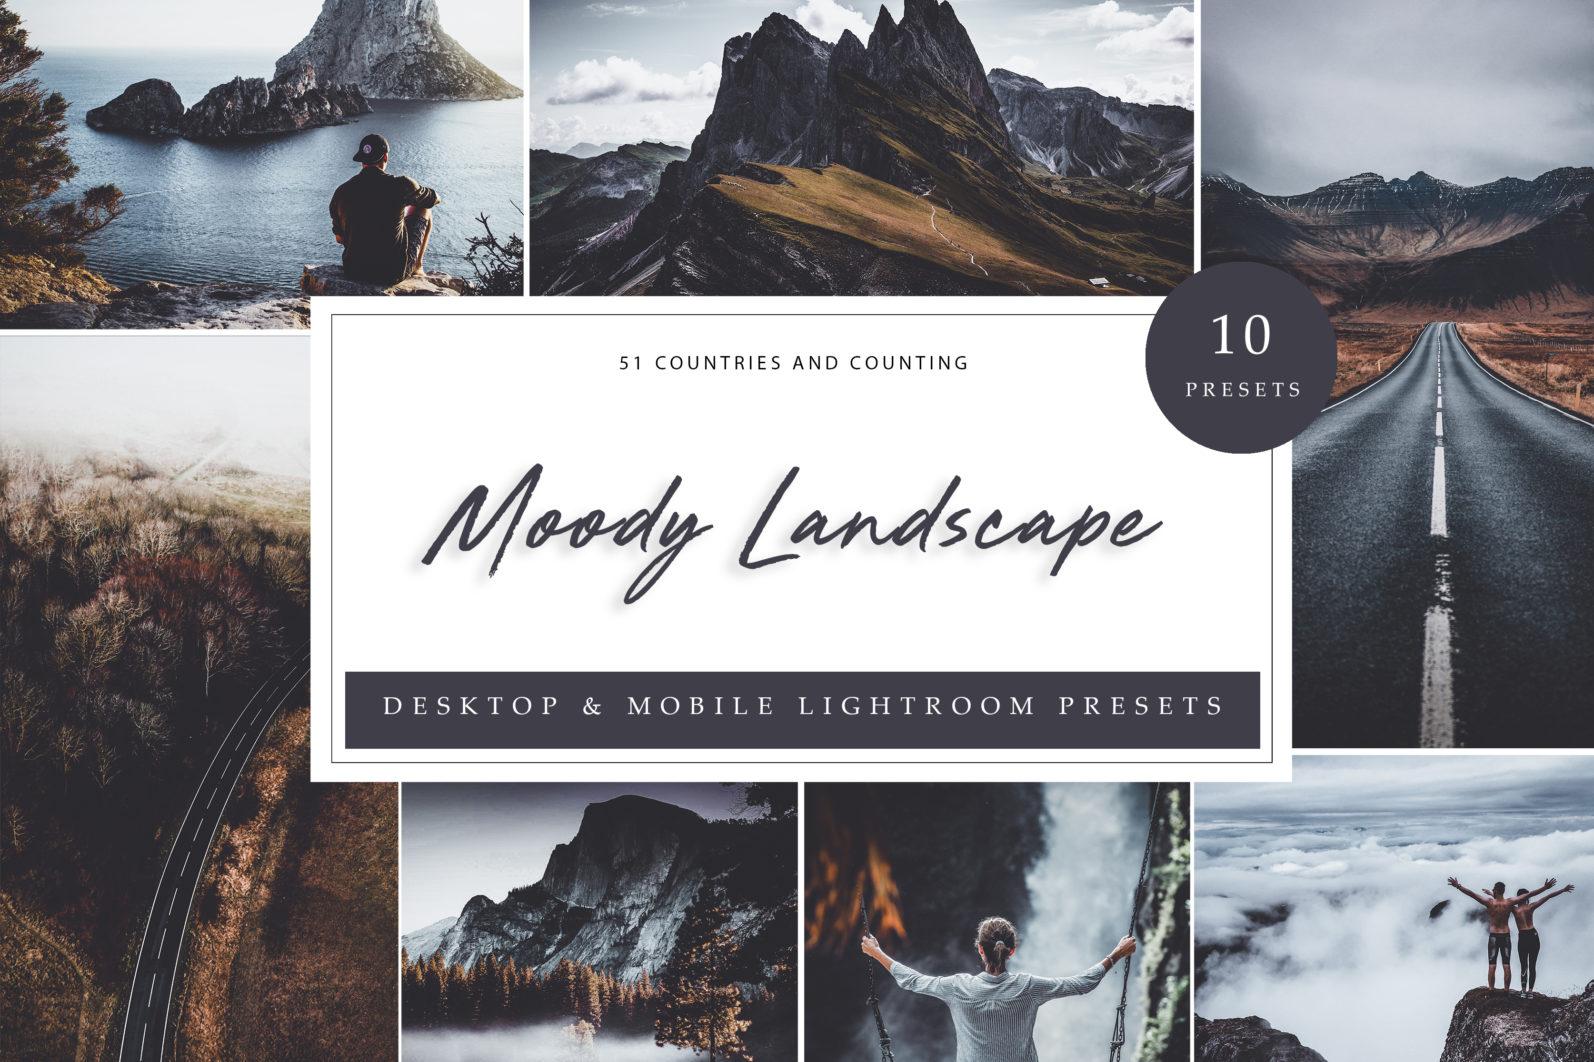 10 x Moody Landscape Lightroom Presets, Travel Presets | Mobile and Desktop - Moody Landscape LR scaled -